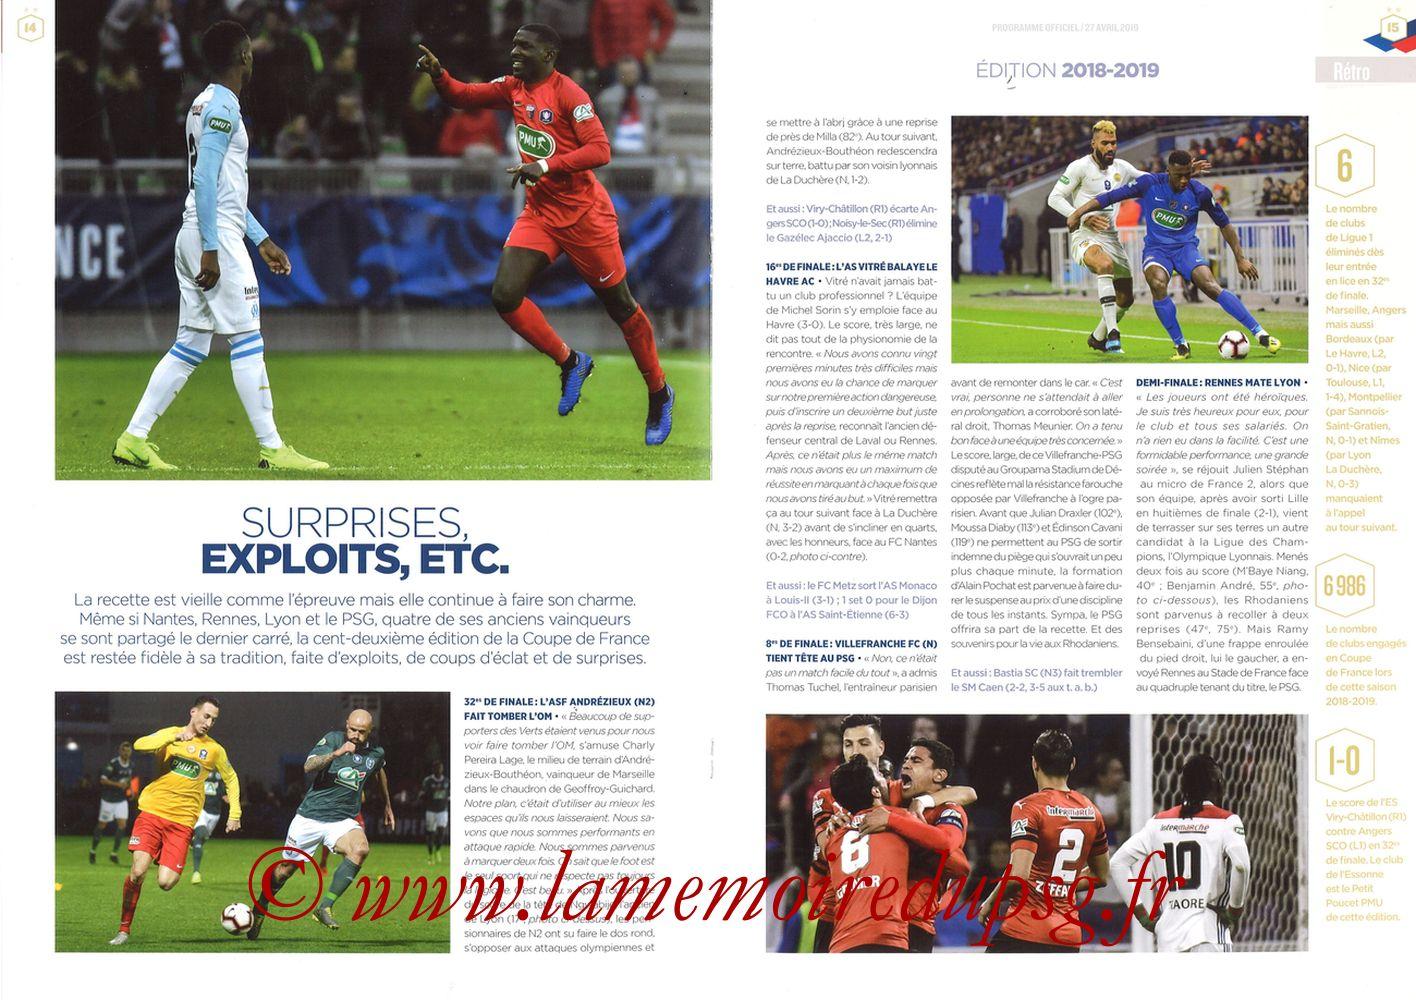 2019-04-27  Rennes-PSG (Finale CF au Stade de France, Programme officiel FFF) - Pages 14 et 15